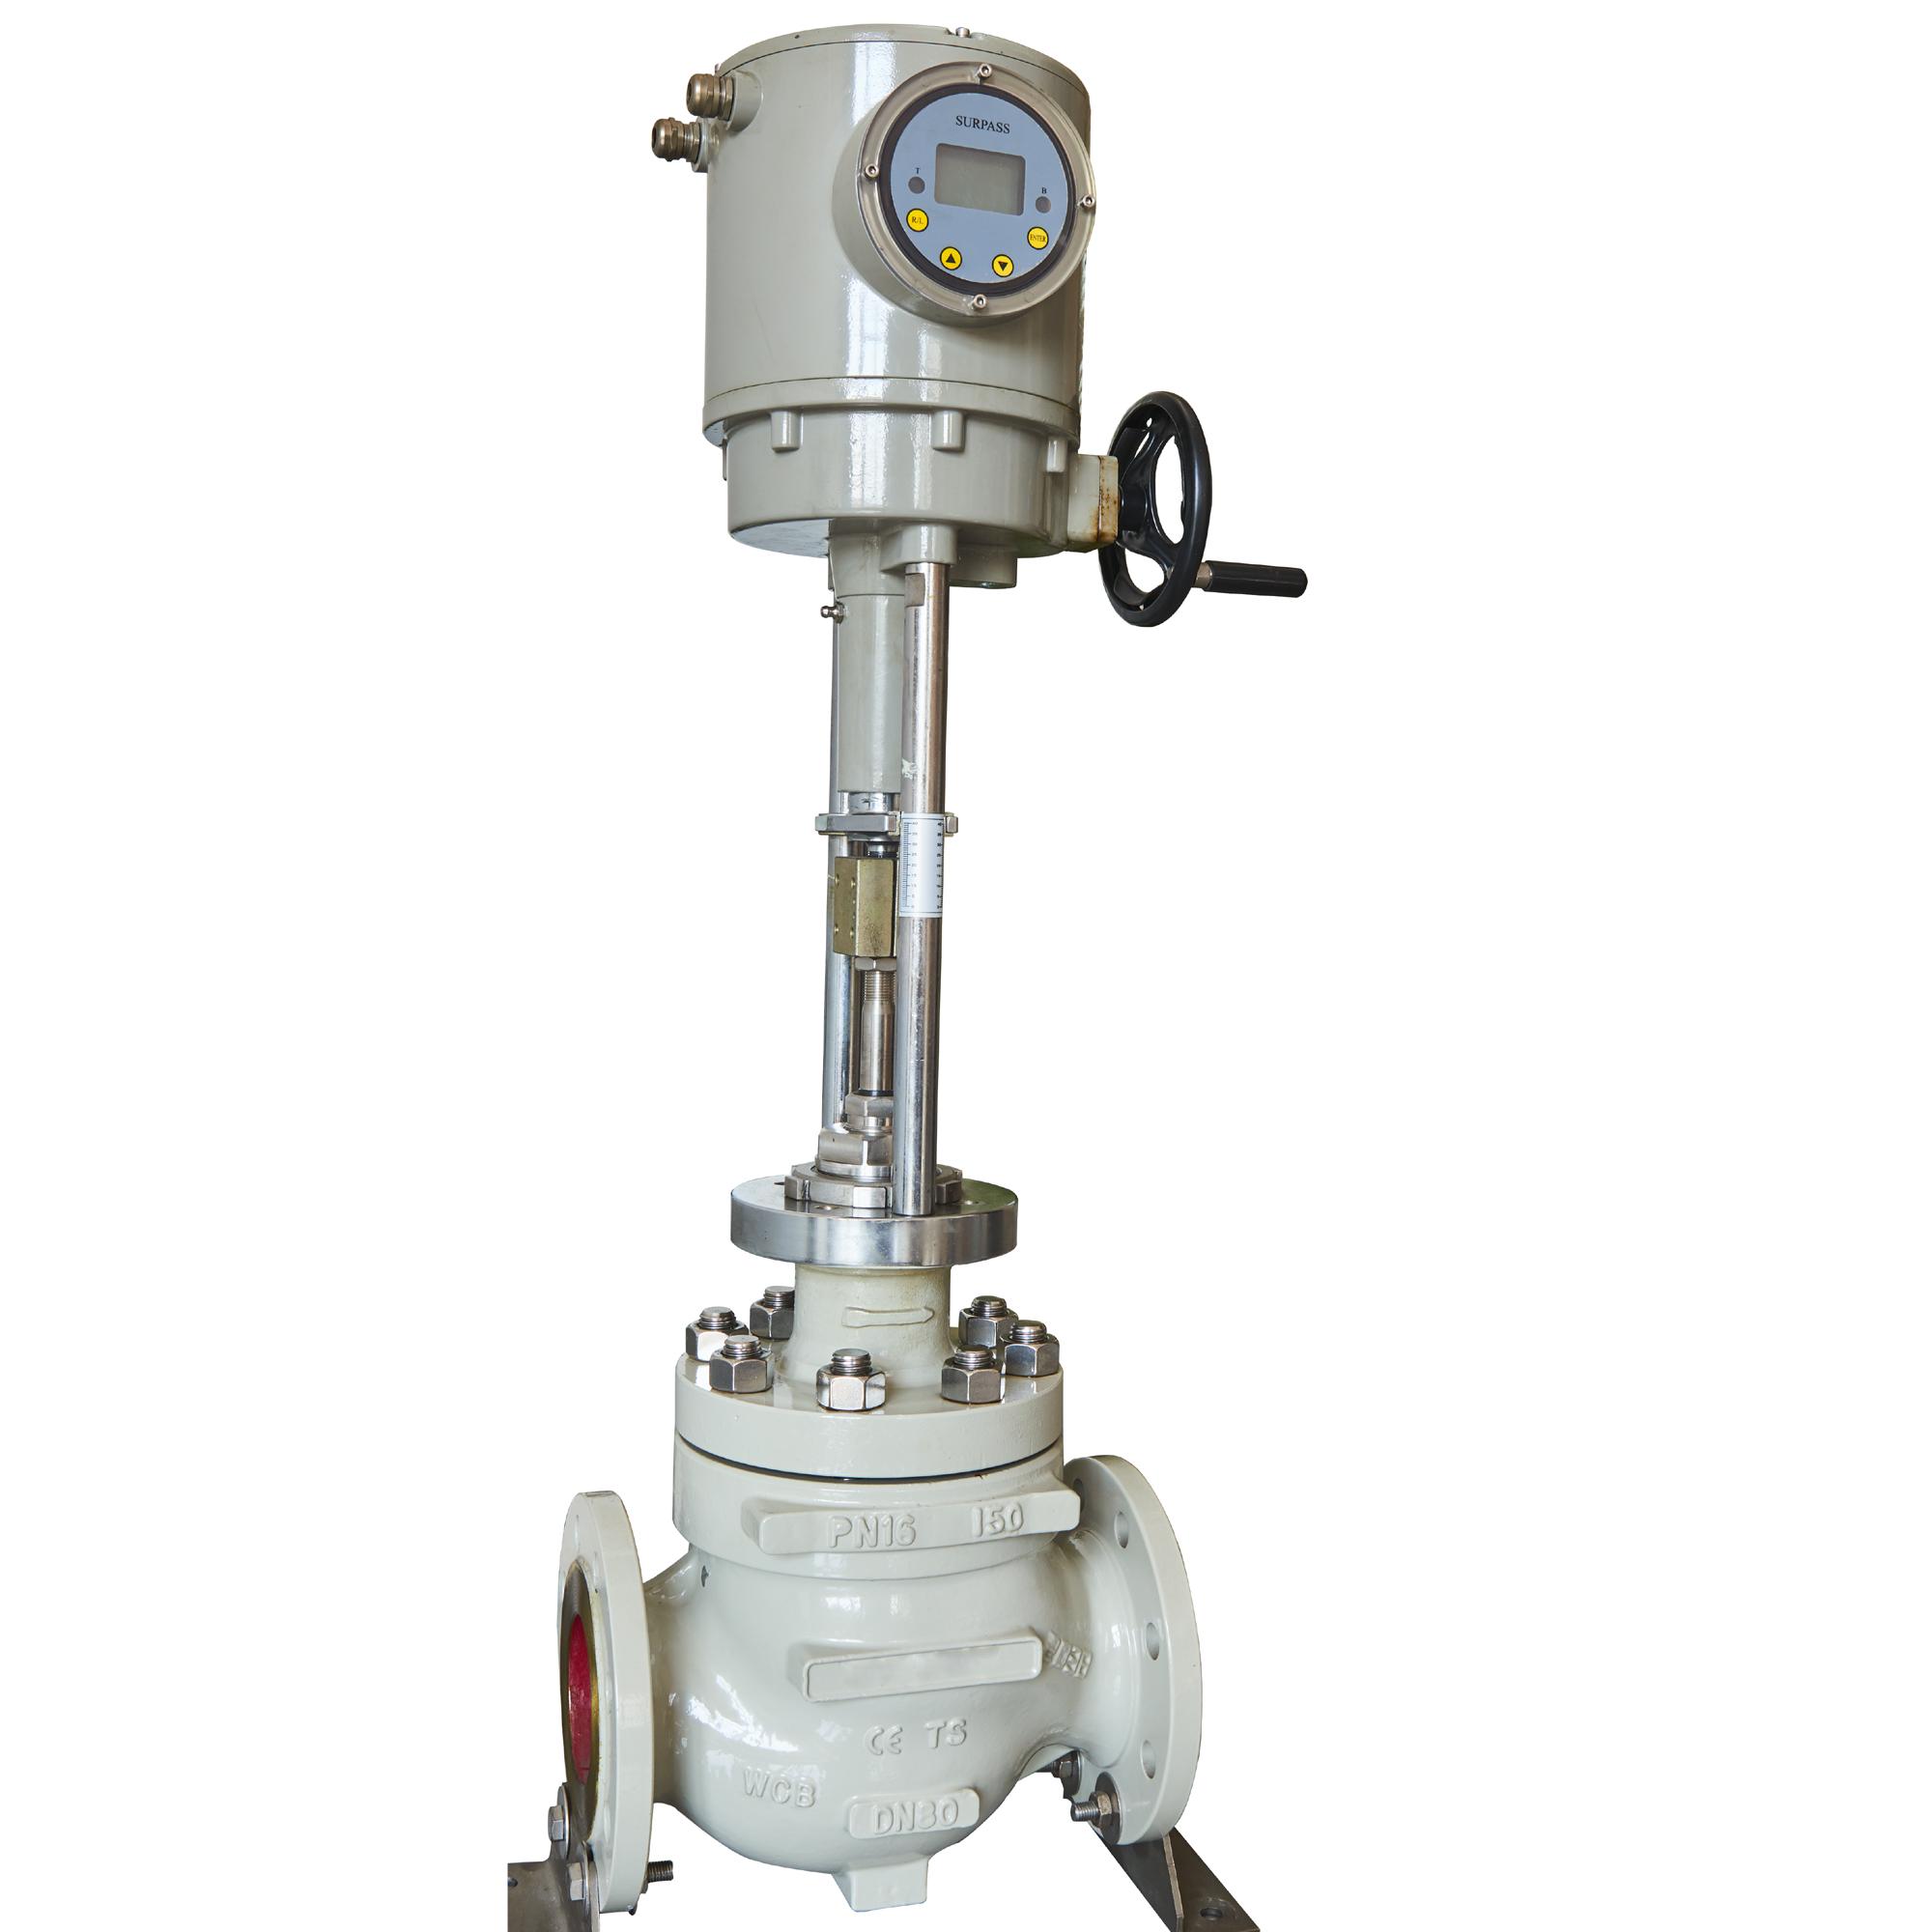 电动控制阀用于精确控制气体